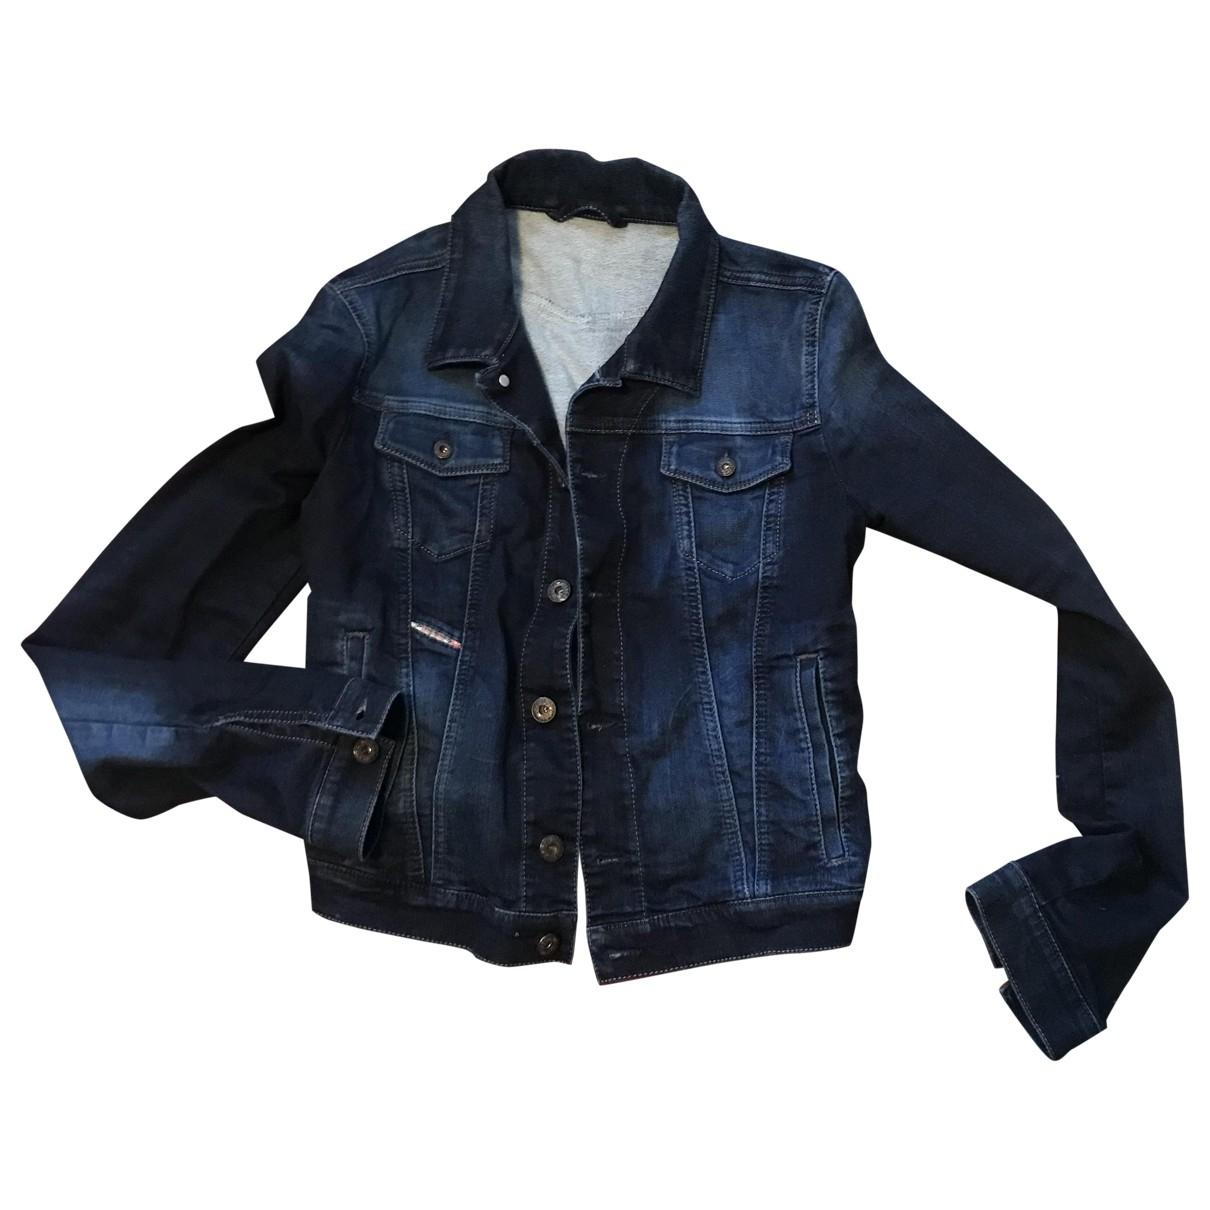 Diesel \N Blue Denim - Jeans jacket for Women XS International